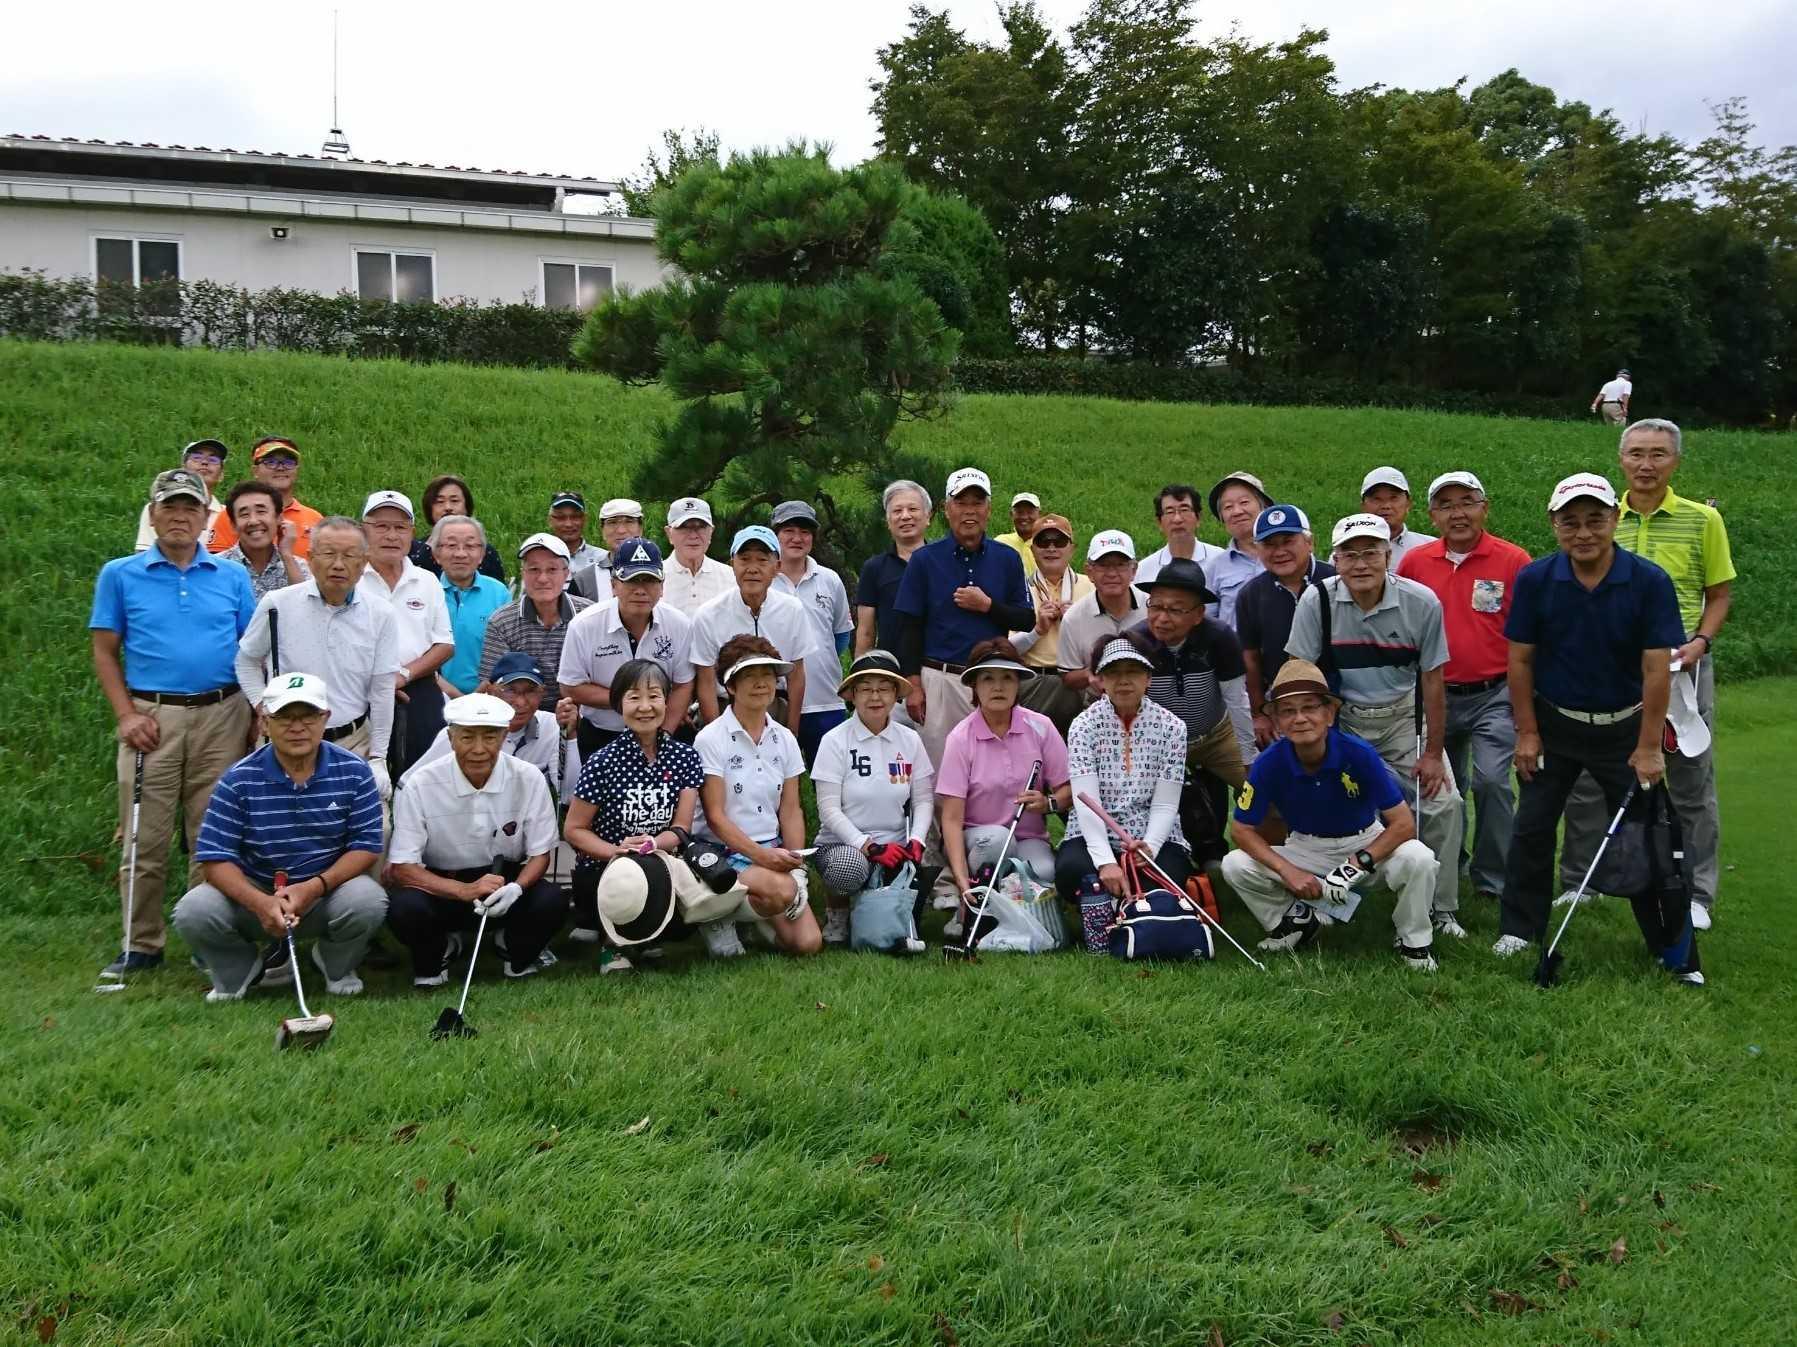 第285回 ゴルフガーデン星野会ゴルフコンペ